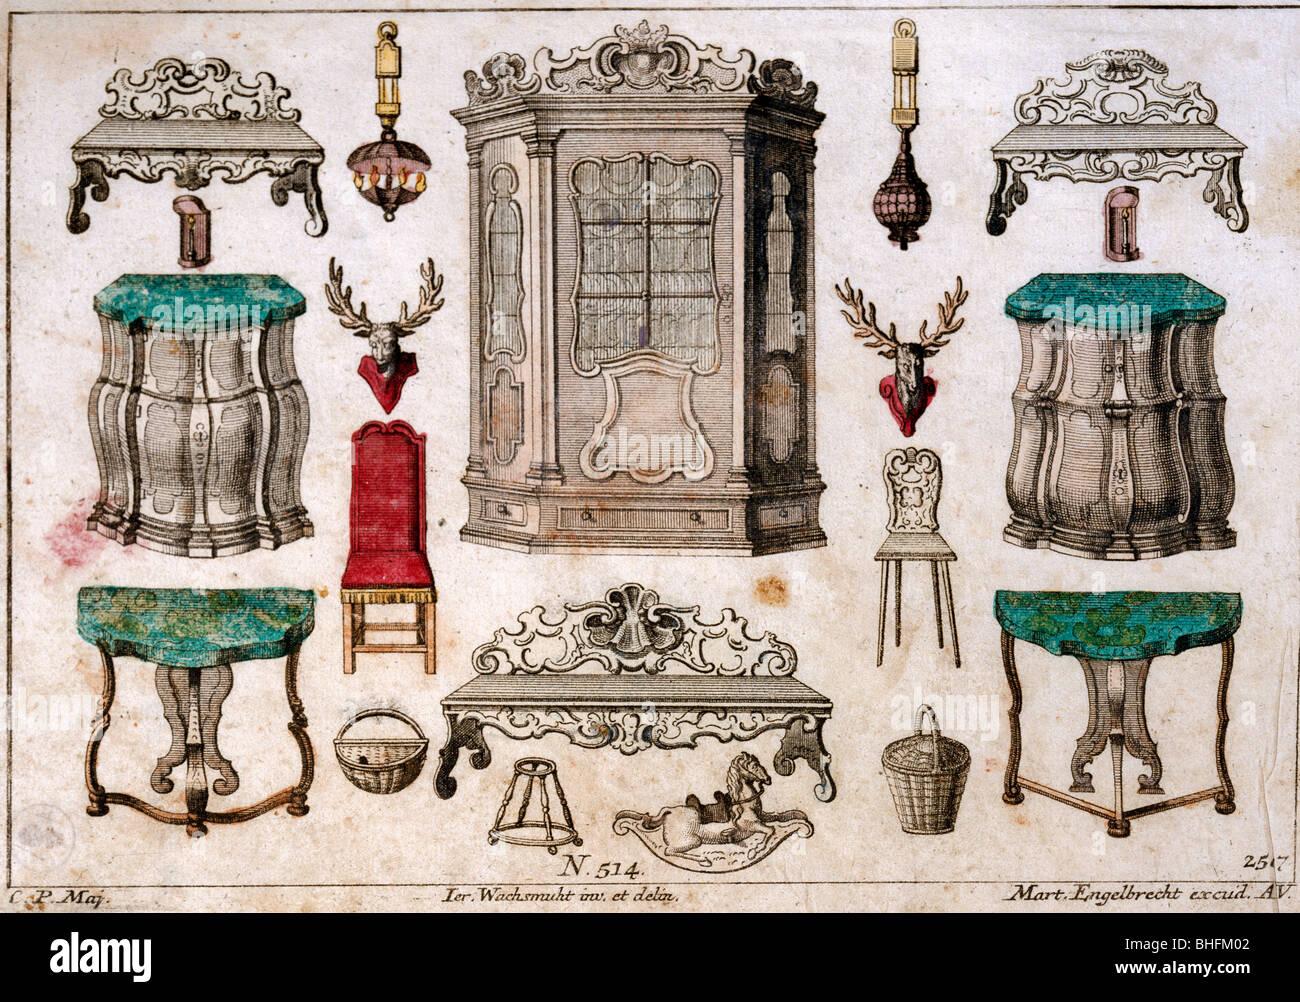 Möbel, Möbel Esszimmer, Rokoko Papier Collage, farbige Kupferstich von Martin Engelbrecht, Deutschland, Stockbild